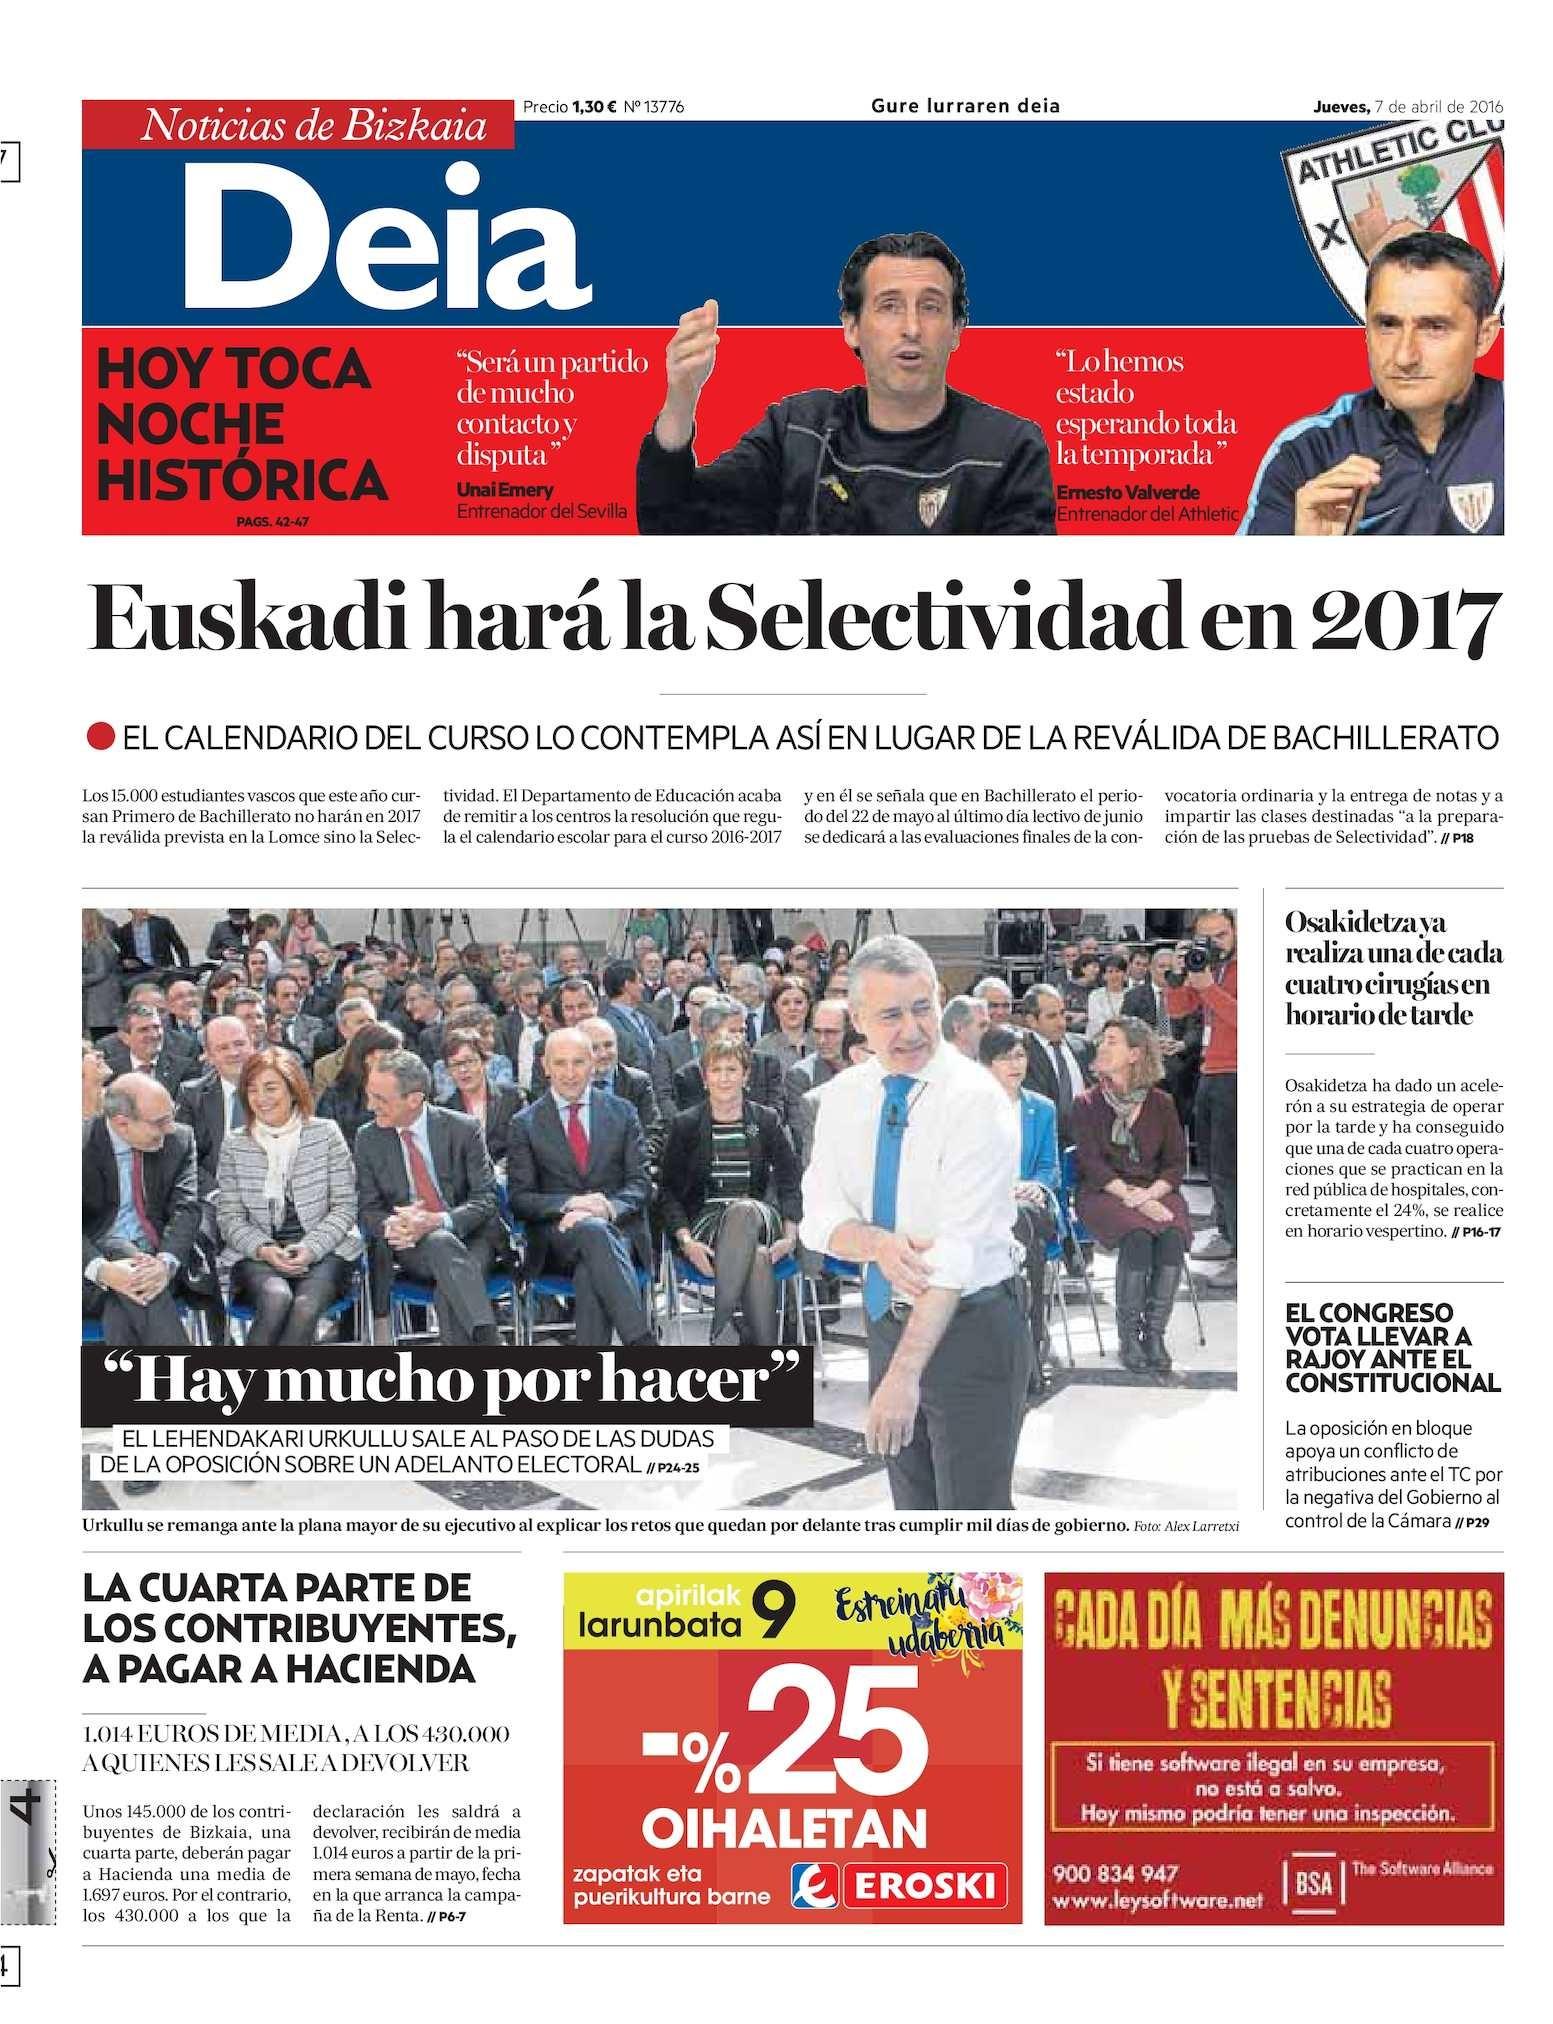 Calendario Escolar 2019 Tenerife Más Caliente Calaméo Deia Of Calendario Escolar 2019 Tenerife Mejores Y Más Novedosos Arona Los Cristianos 2 – Ies Las Galletas